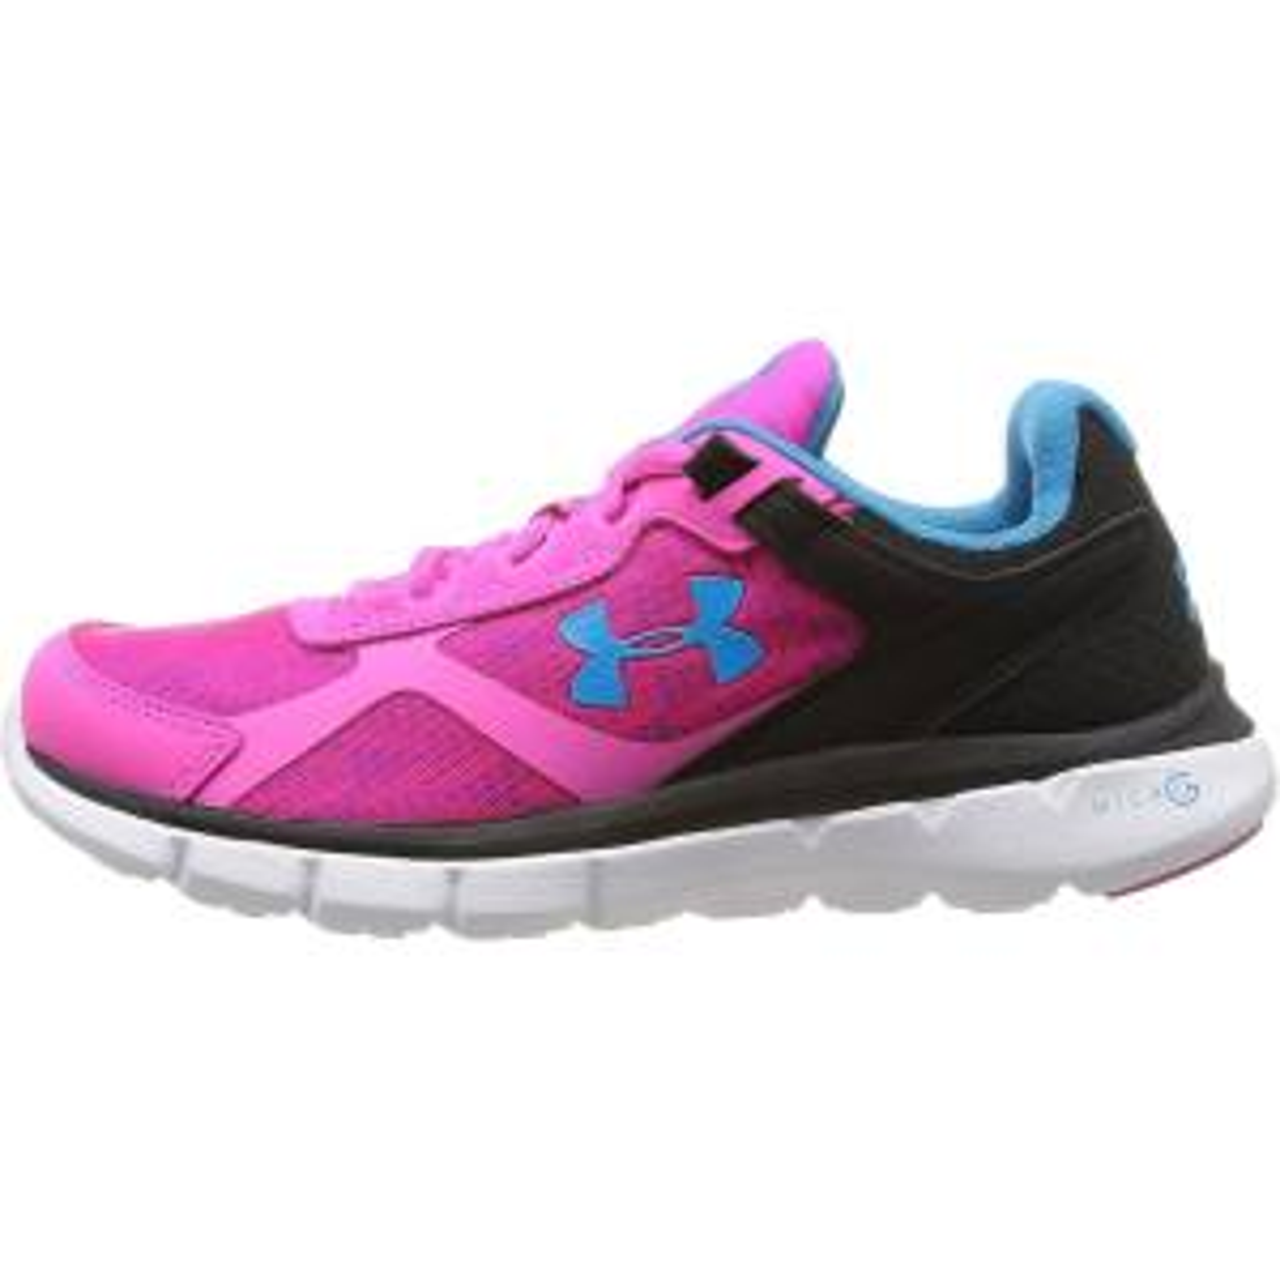 کفش مخصوص دویدن زنانه آندر آرمور مدل Micro G Velocity